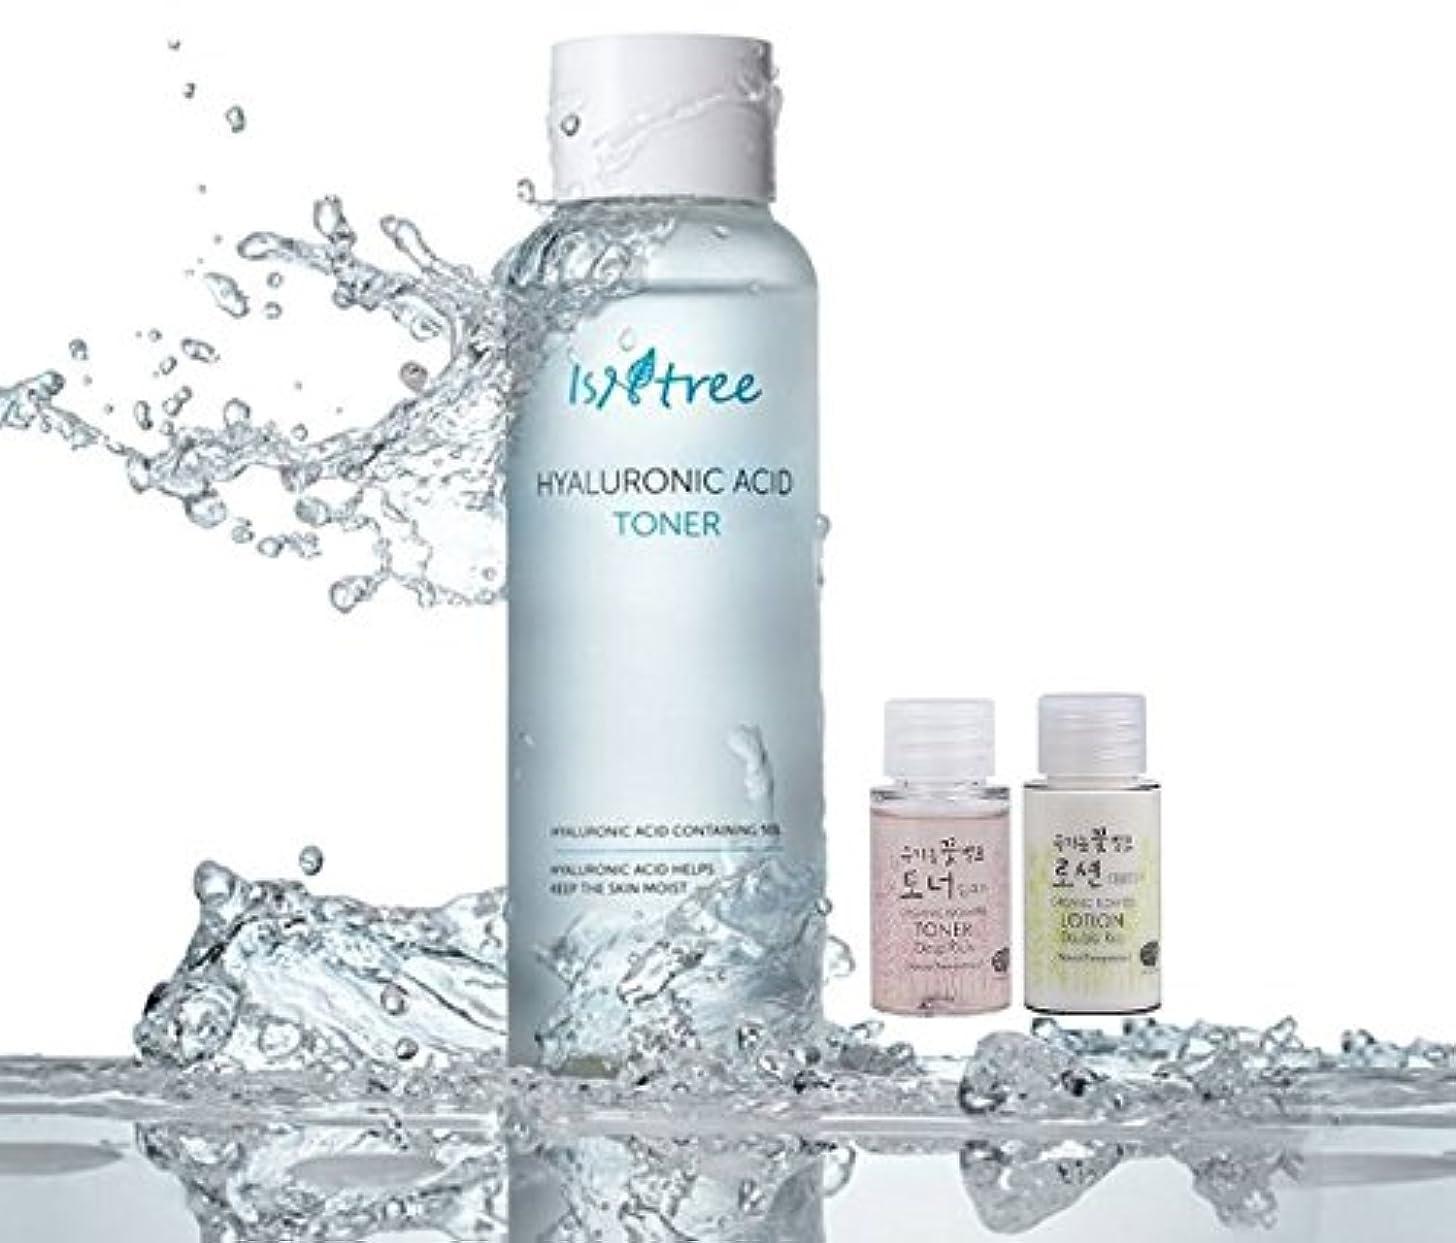 ISNTREE Hyaluronic Acid Toner 13.53 fl.oz. | with Whamisa Essence Toner & Lotion 20ml | Deep Moisturizing, Soothing, Nourishing